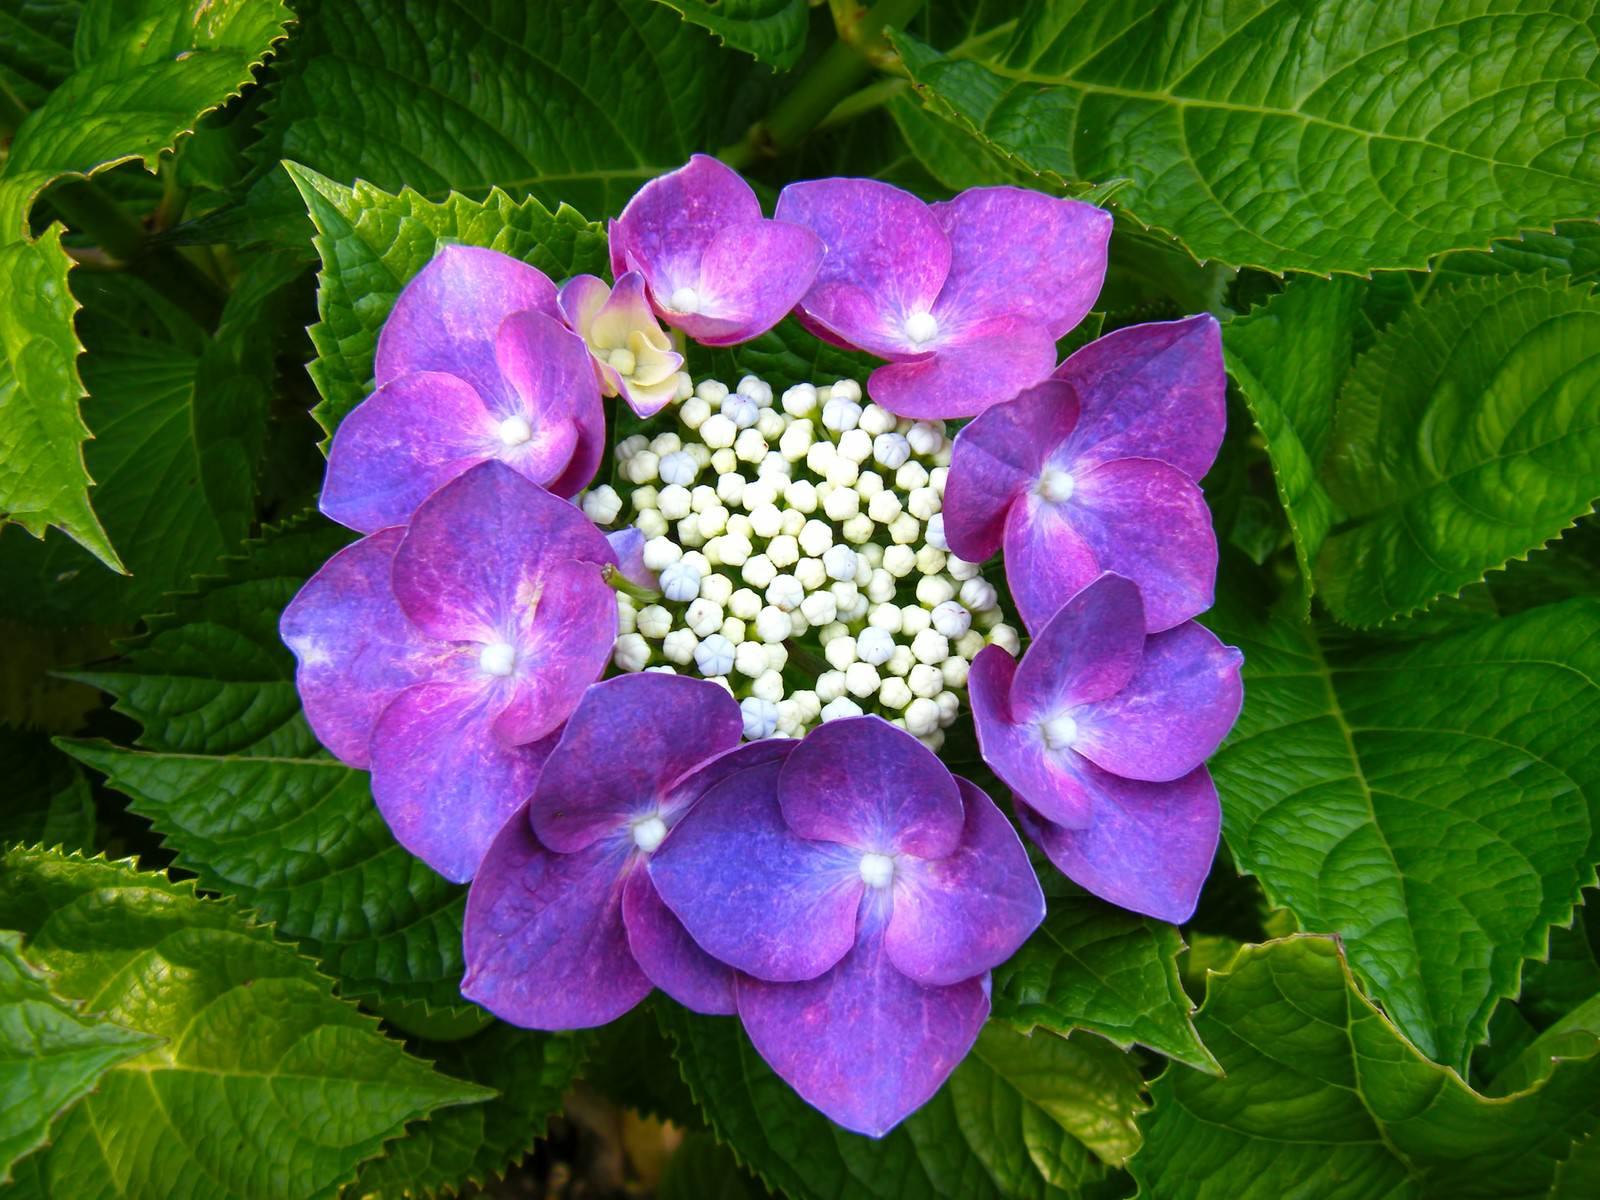 「紫色に咲く額あじさい紫色に咲く額あじさい」のフリー写真素材を拡大